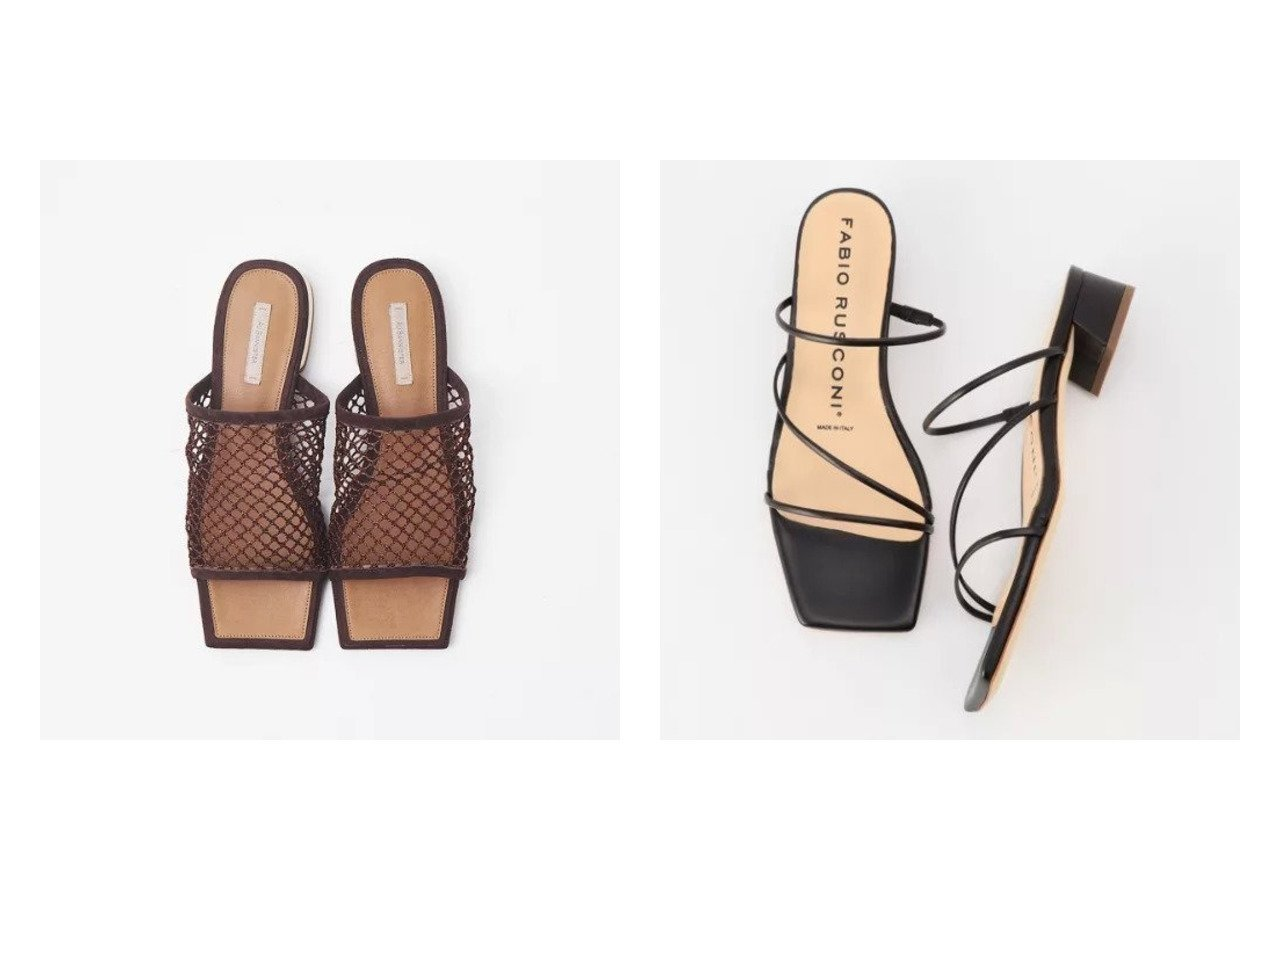 【Au BANNISTER/オゥ バニスター】のスクエアフラットミュール(メッシュ)&【NOLLEY'S/ノーリーズ】の【 ファビオルスコーニ】スキニーラインサンダル 【シューズ・靴】おすすめ!人気、トレンド・レディースファッションの通販 おすすめで人気の流行・トレンド、ファッションの通販商品 メンズファッション・キッズファッション・インテリア・家具・レディースファッション・服の通販 founy(ファニー) https://founy.com/ ファッション Fashion レディースファッション WOMEN イタリア サンダル シューズ スクエア フォルム ボトム ラップ S/S・春夏 SS・Spring/Summer トレンド メッシュ 春 Spring  ID:crp329100000030407